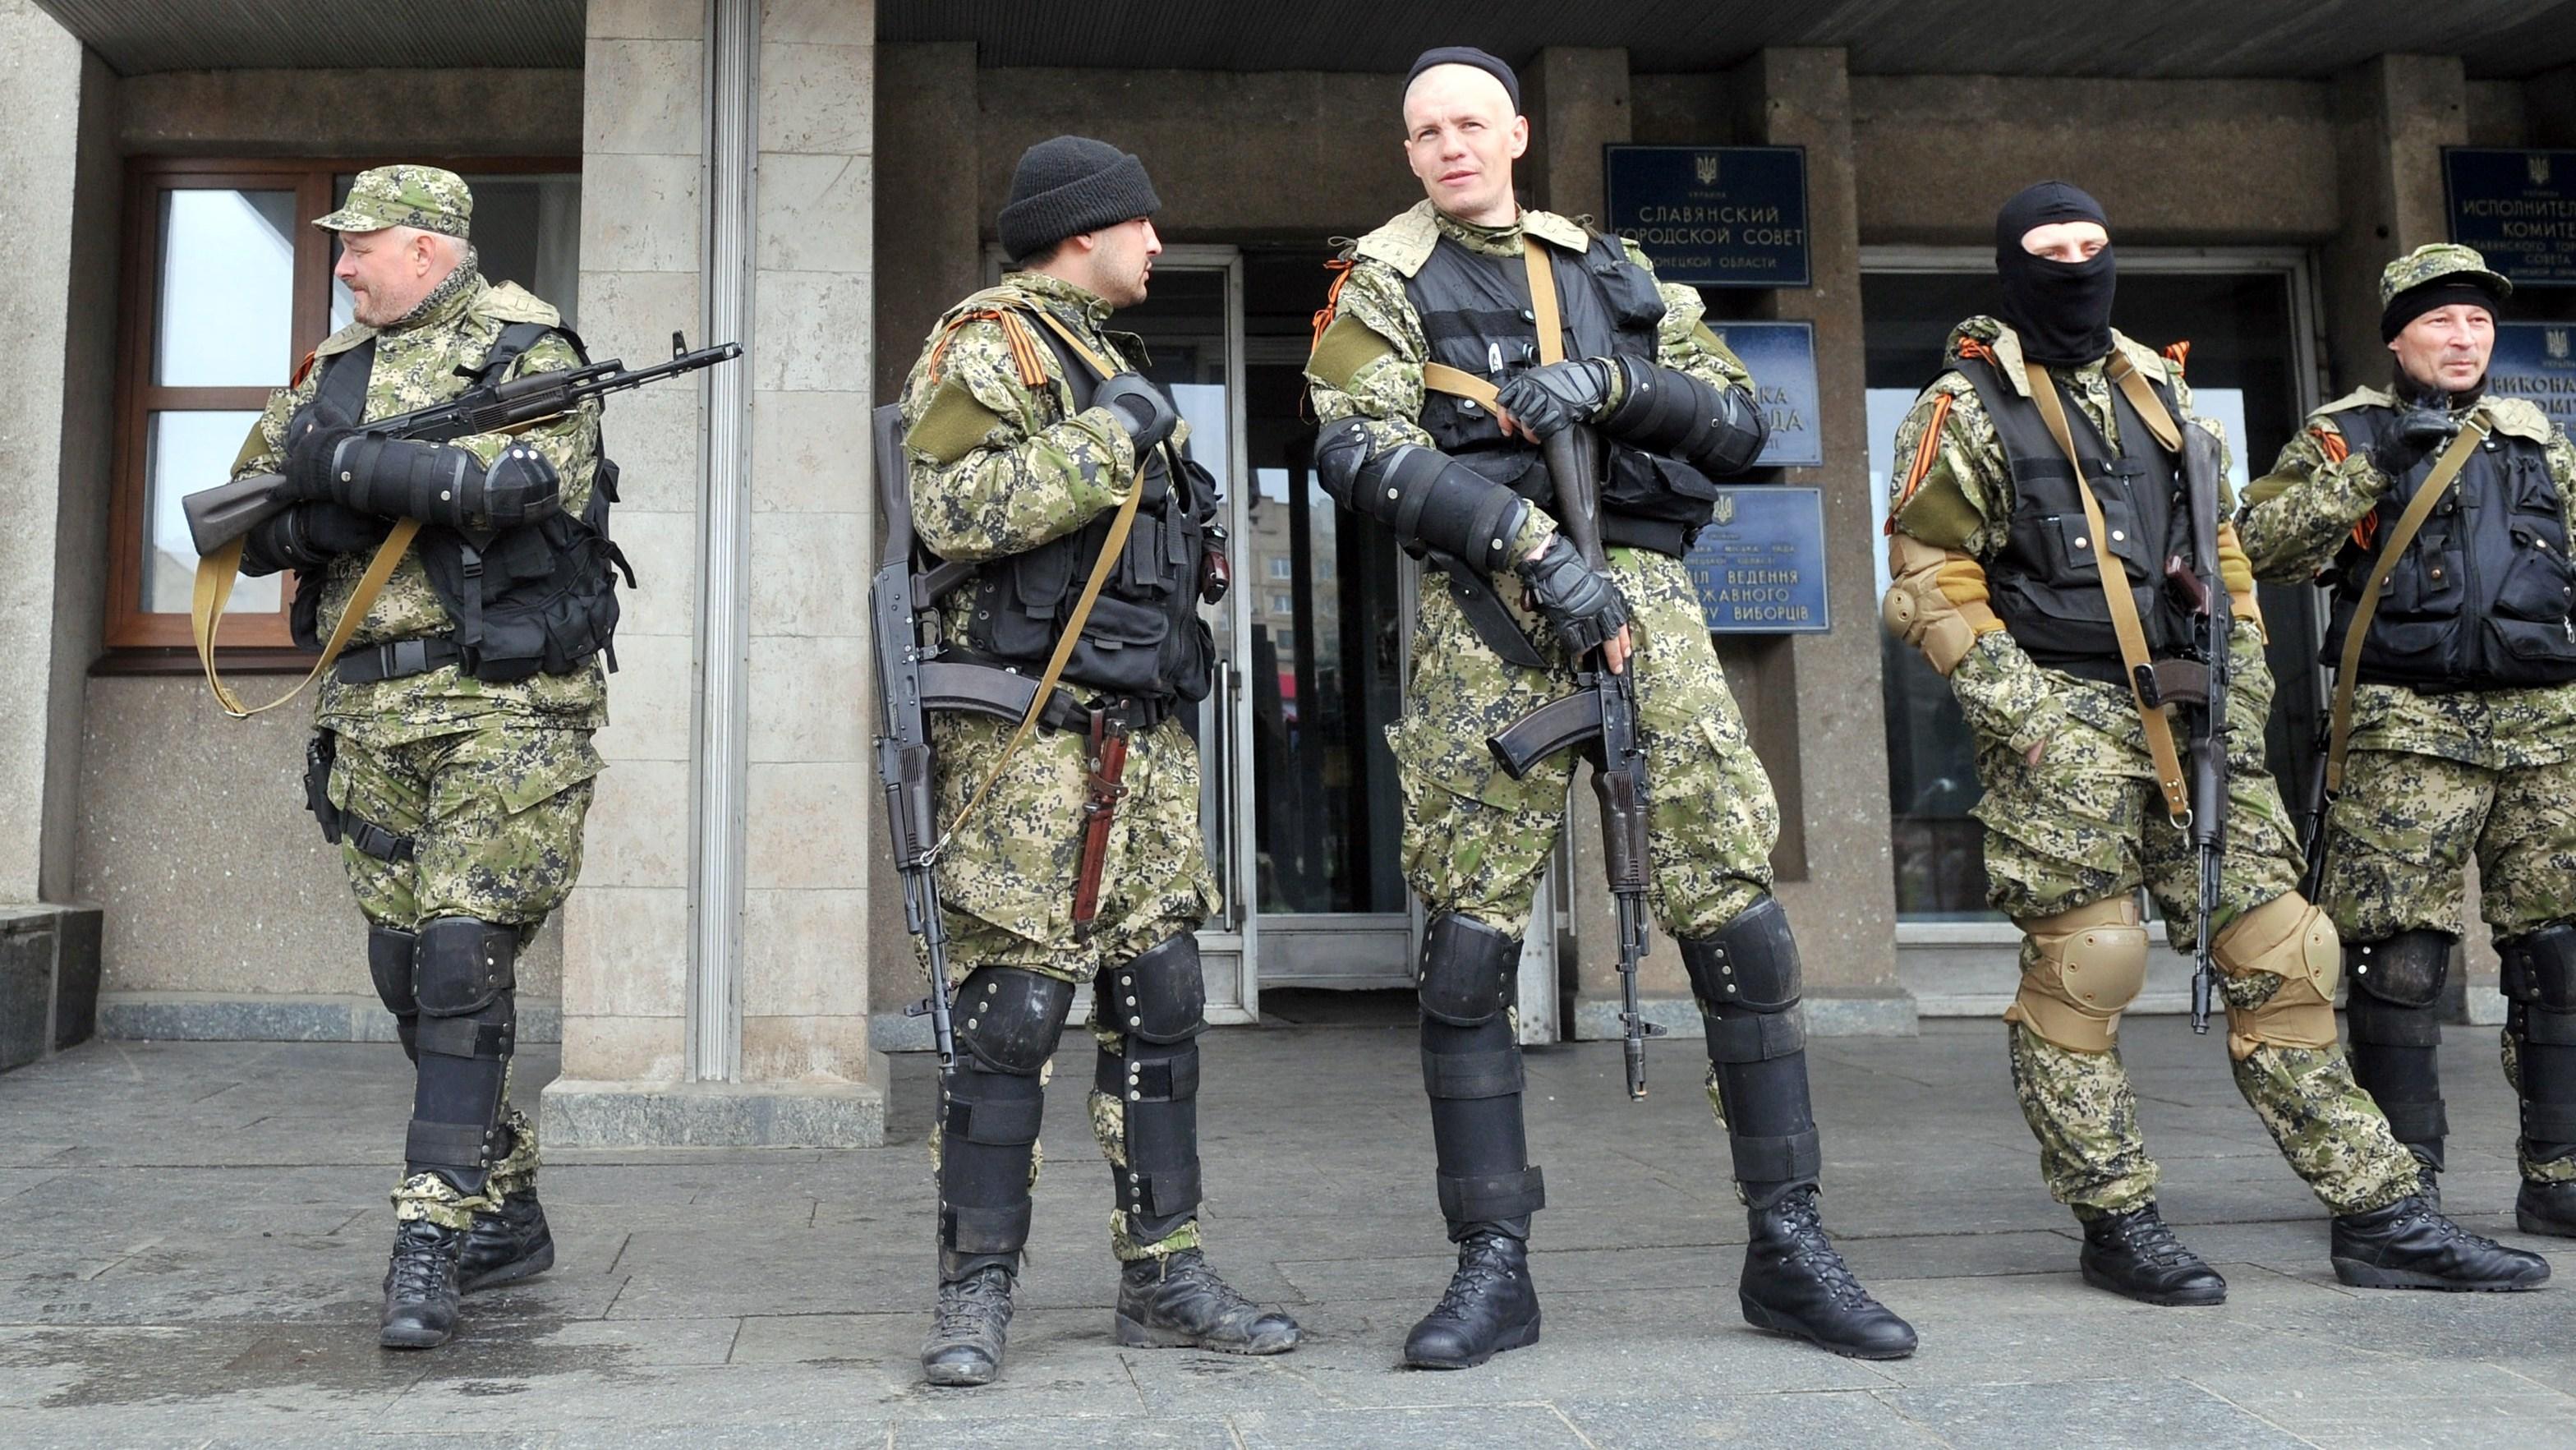 In Ukraine: Pro-Russia Occupiers Defy Deadline, War Fears Grow